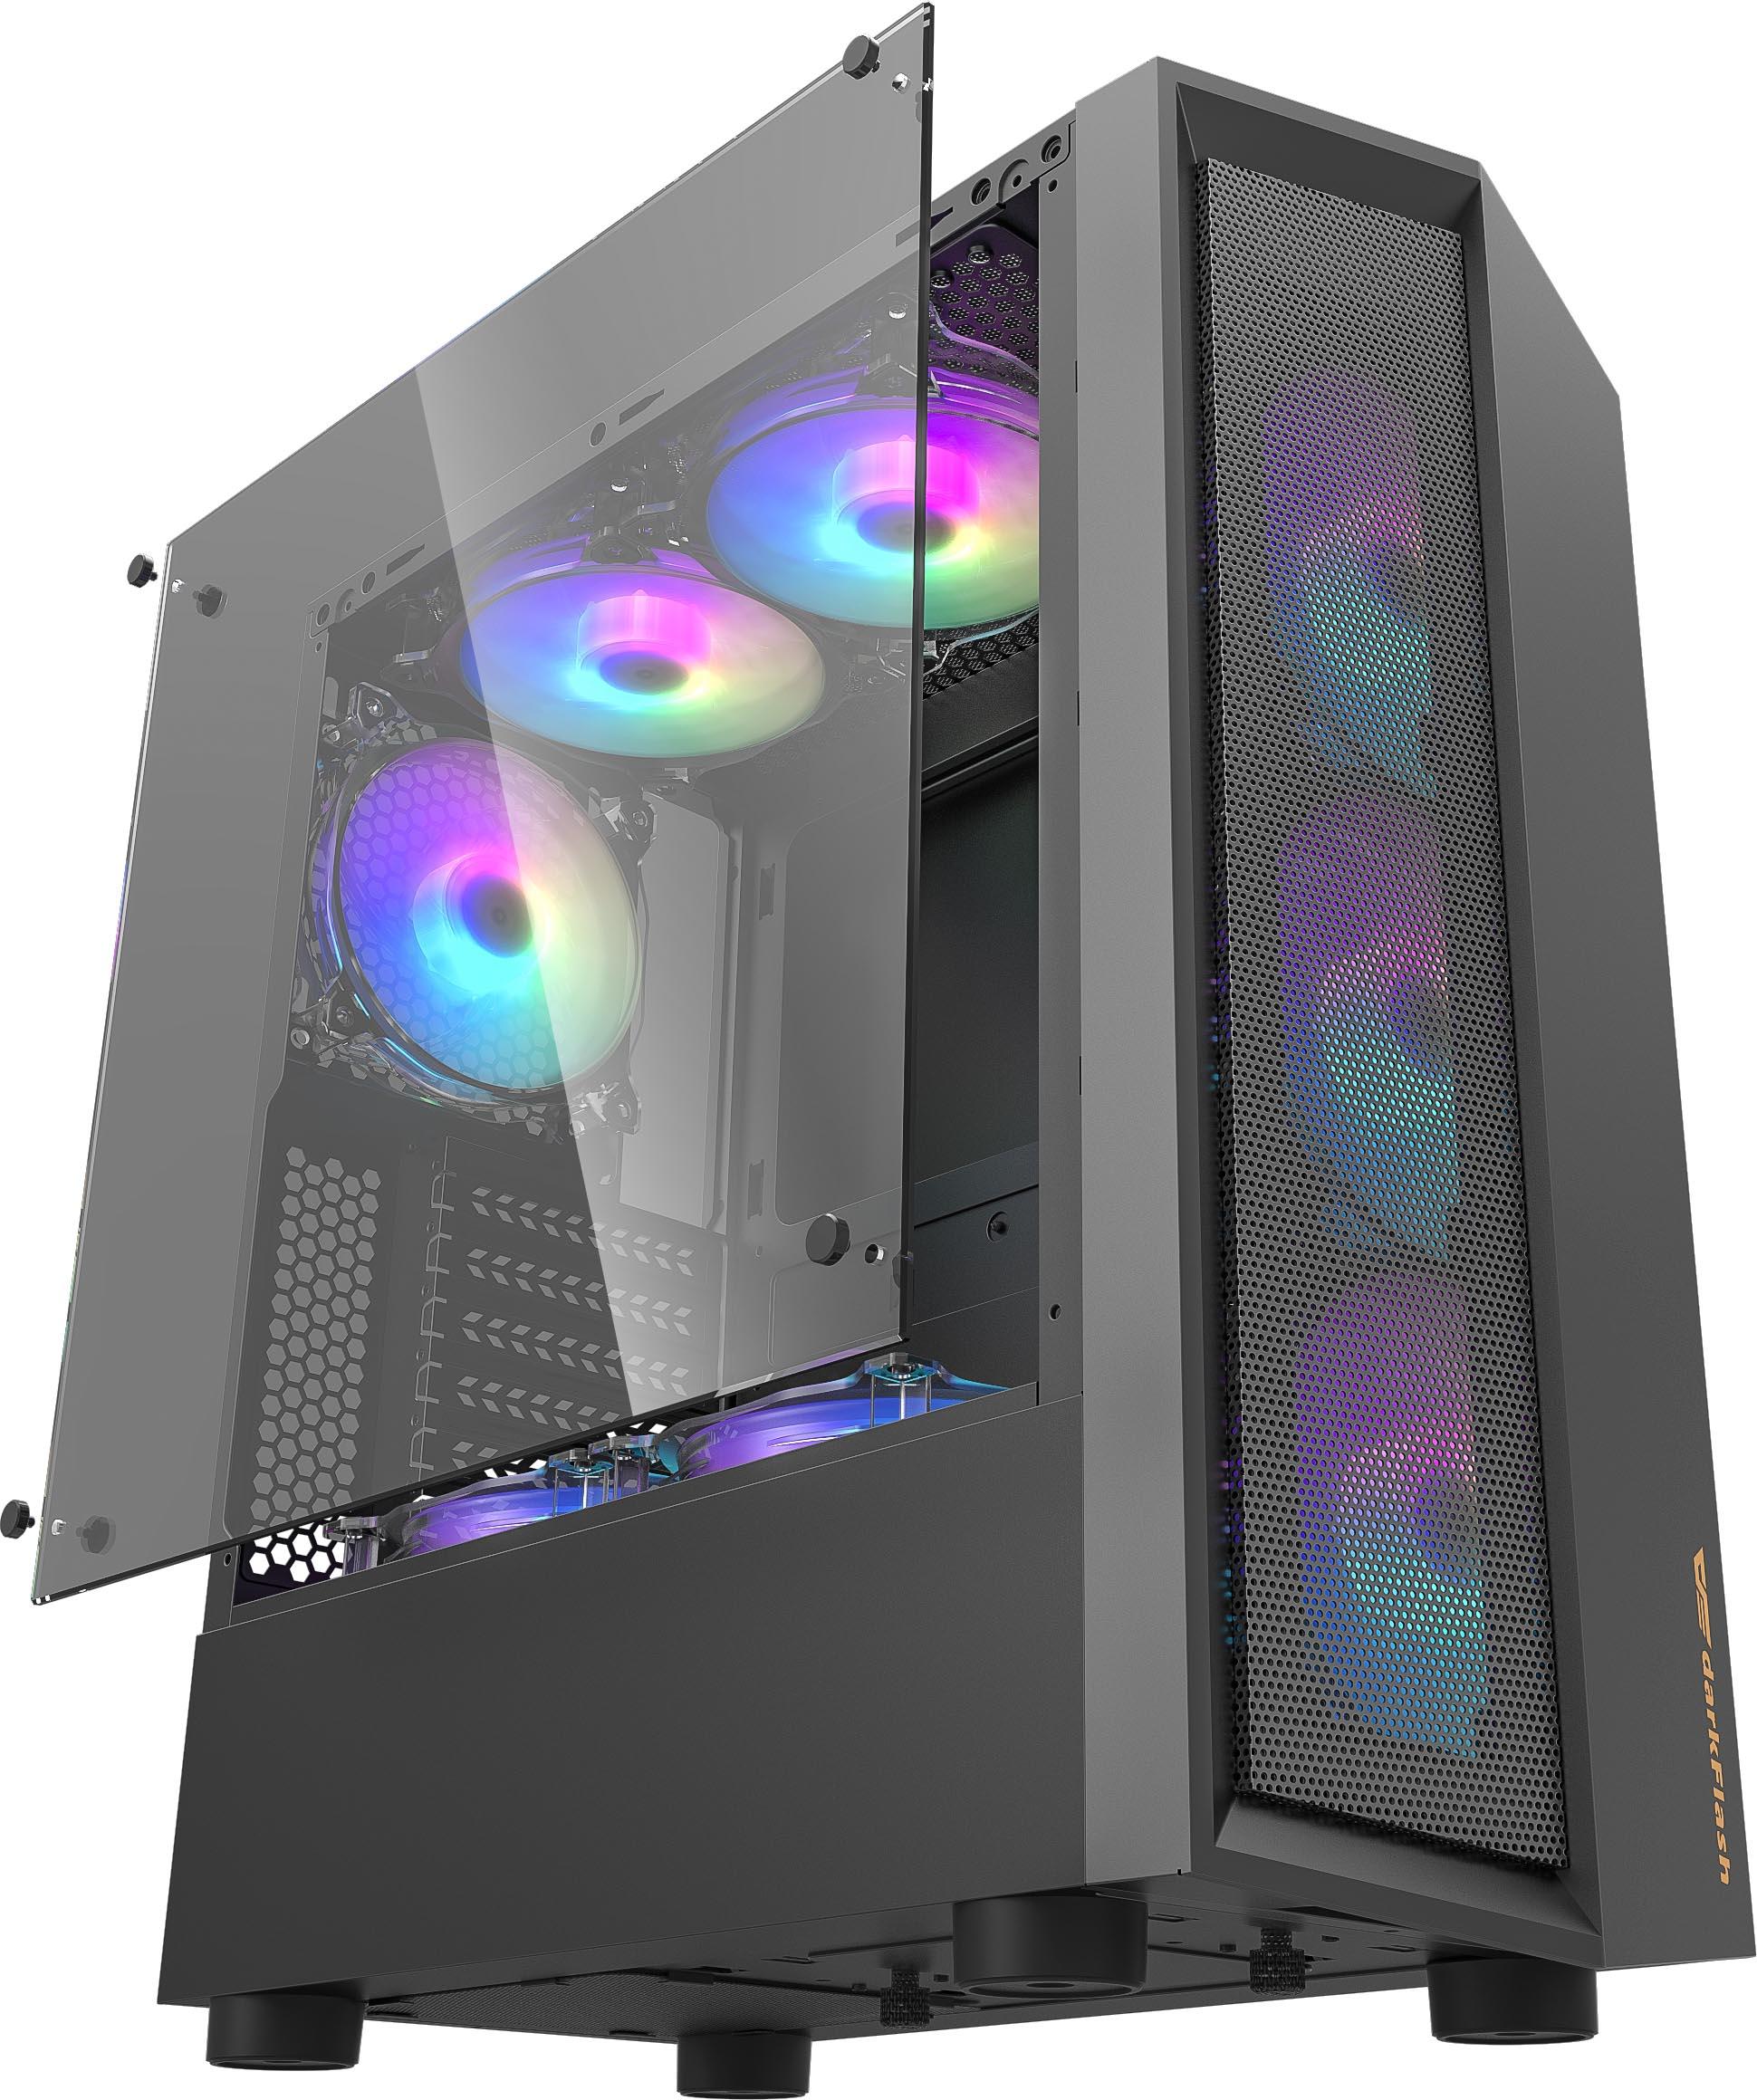 Aigo/darkflash — Boîtier D'ordinateur,Panneau Ondulé Composé De Abs Et De Maille En Fer - Buy Abs/maille Product on Alibaba.com